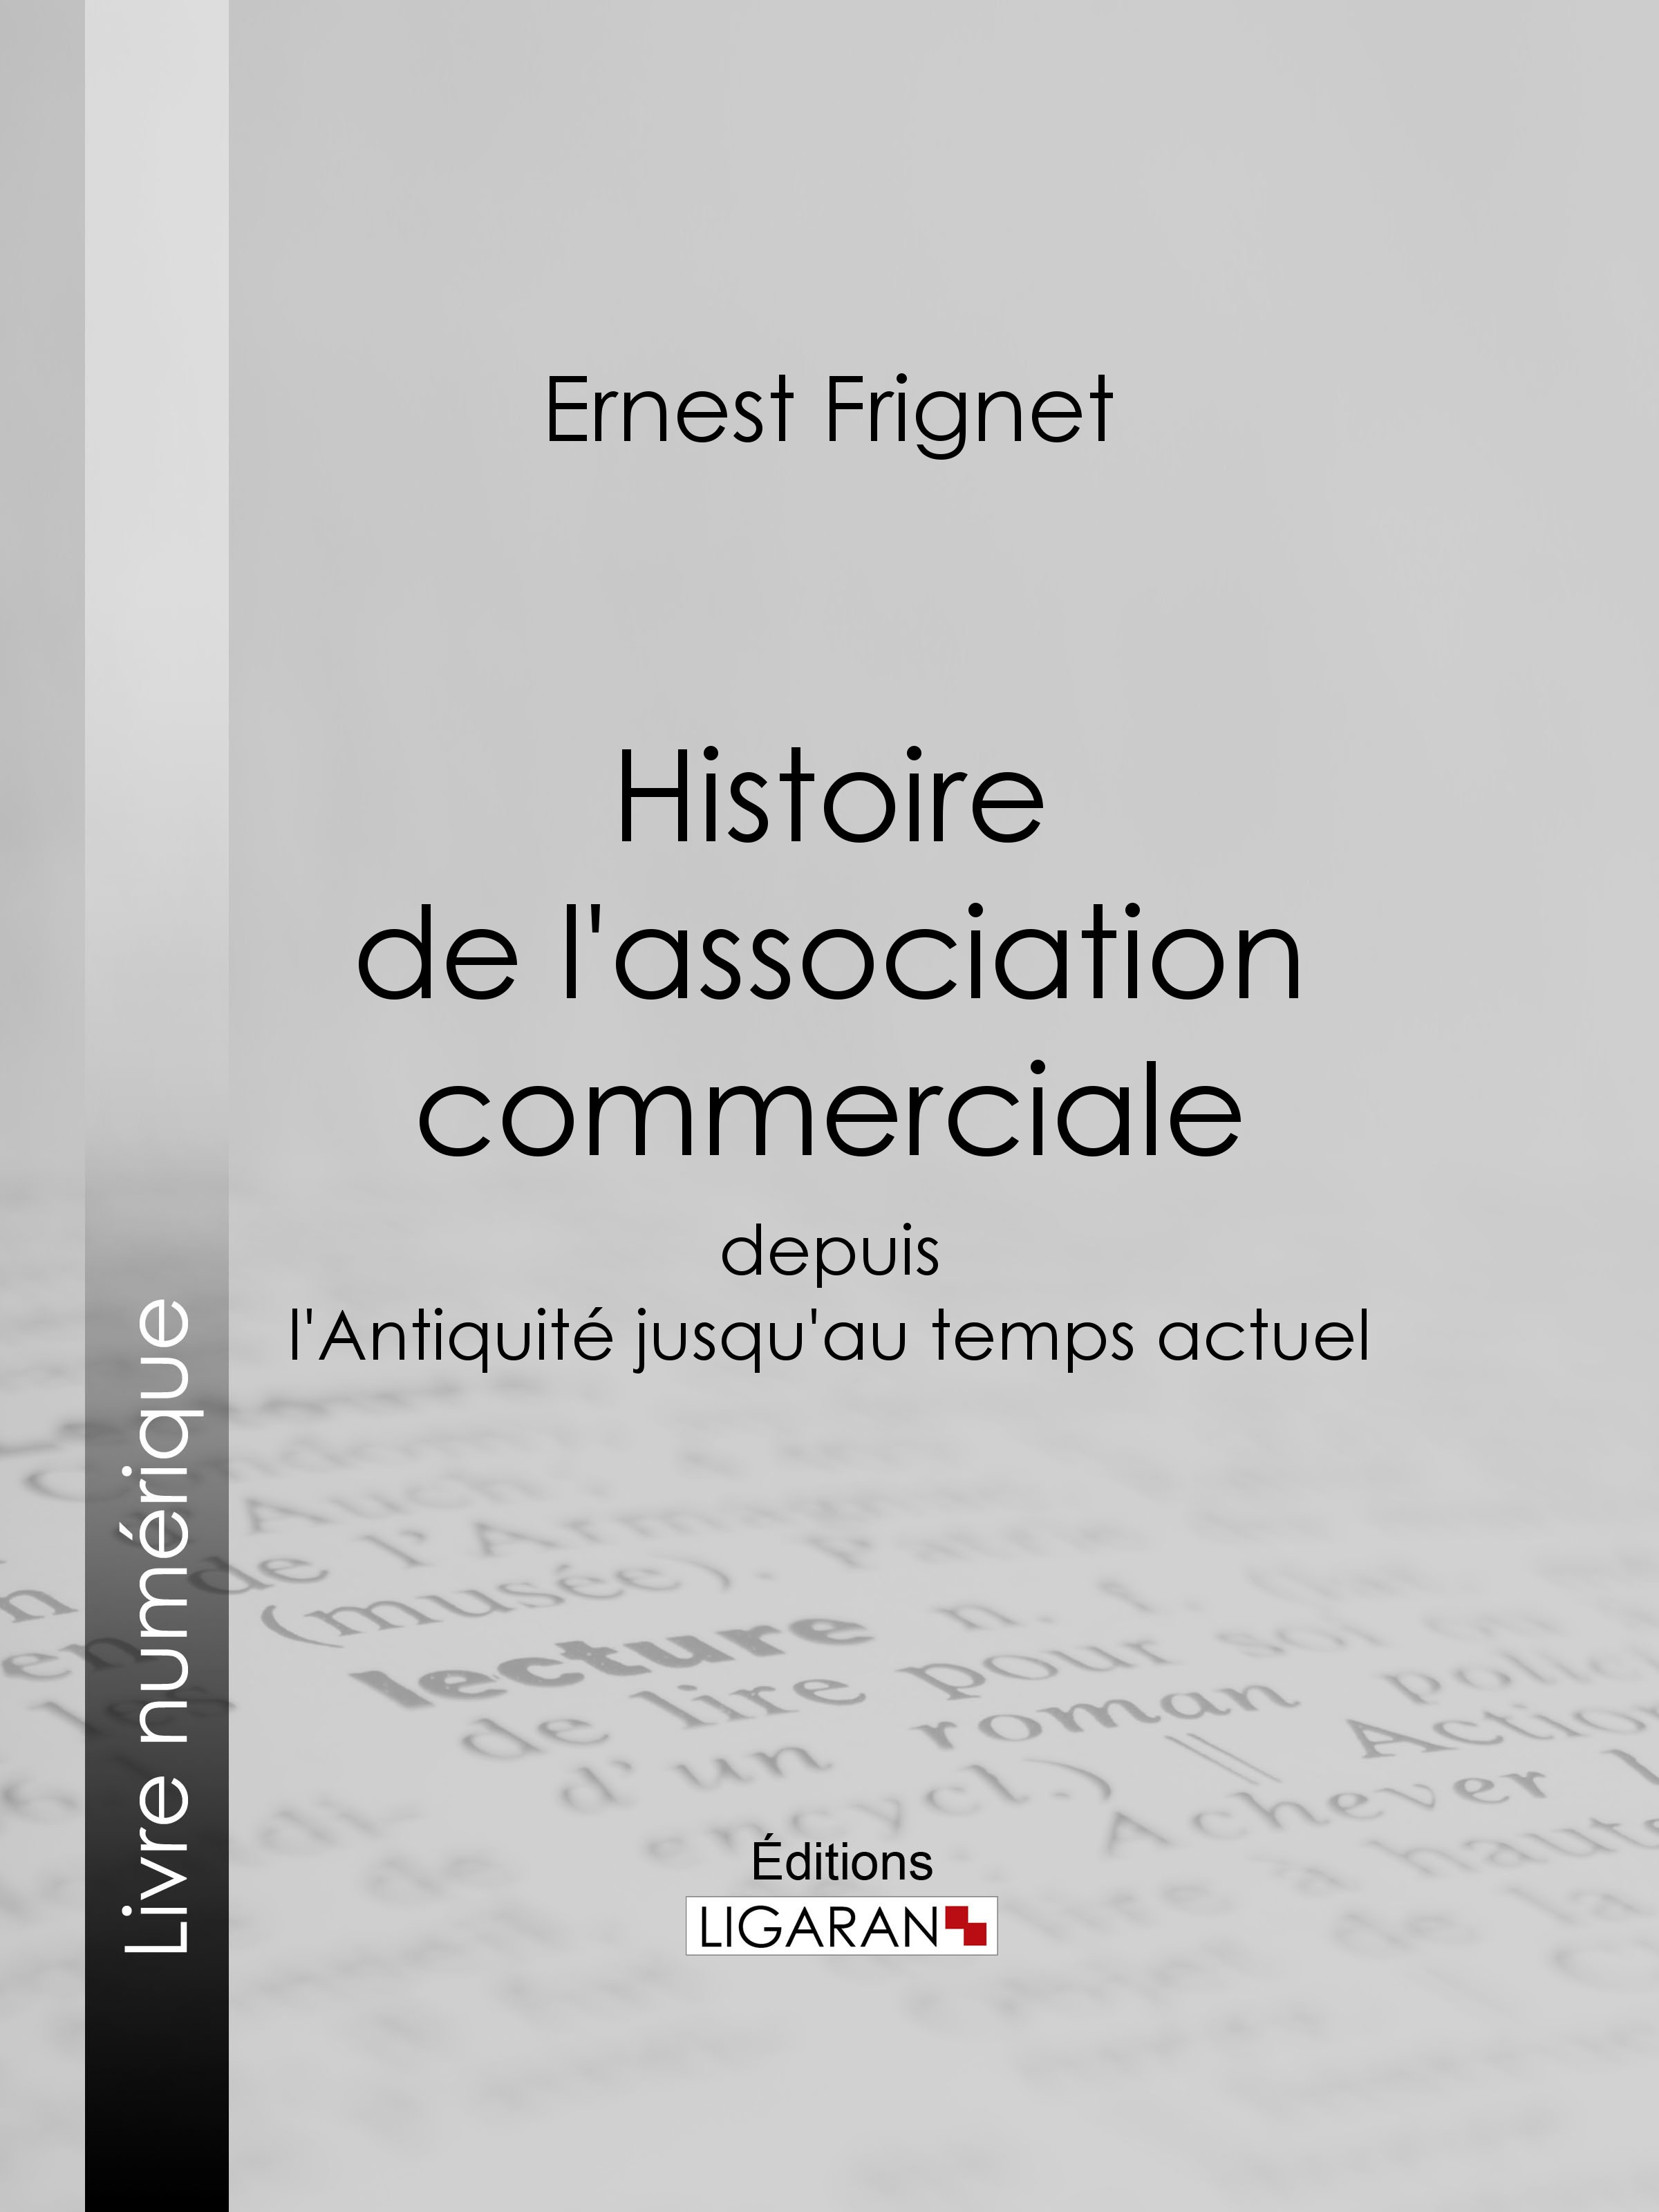 Histoire de l'association commerciale